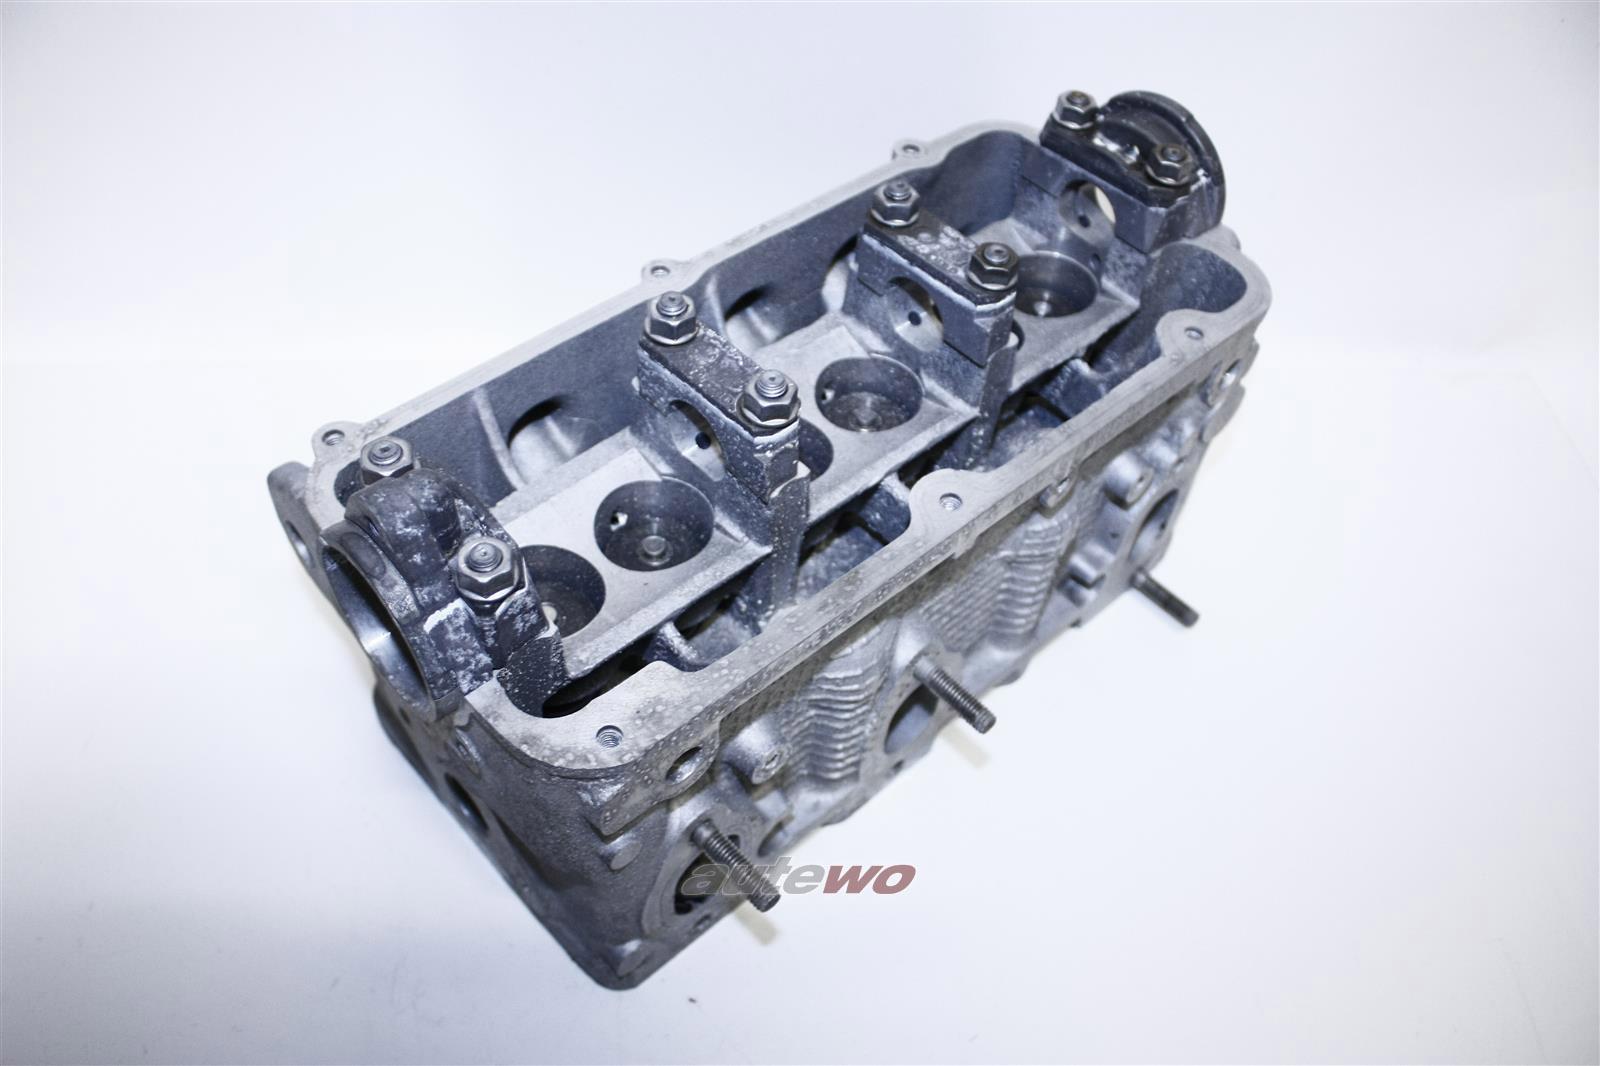 078103351B Audi 80 B4/100/A6 C4 2.6-2.8l ABC 23237 Zylinderkopf Links 143300km